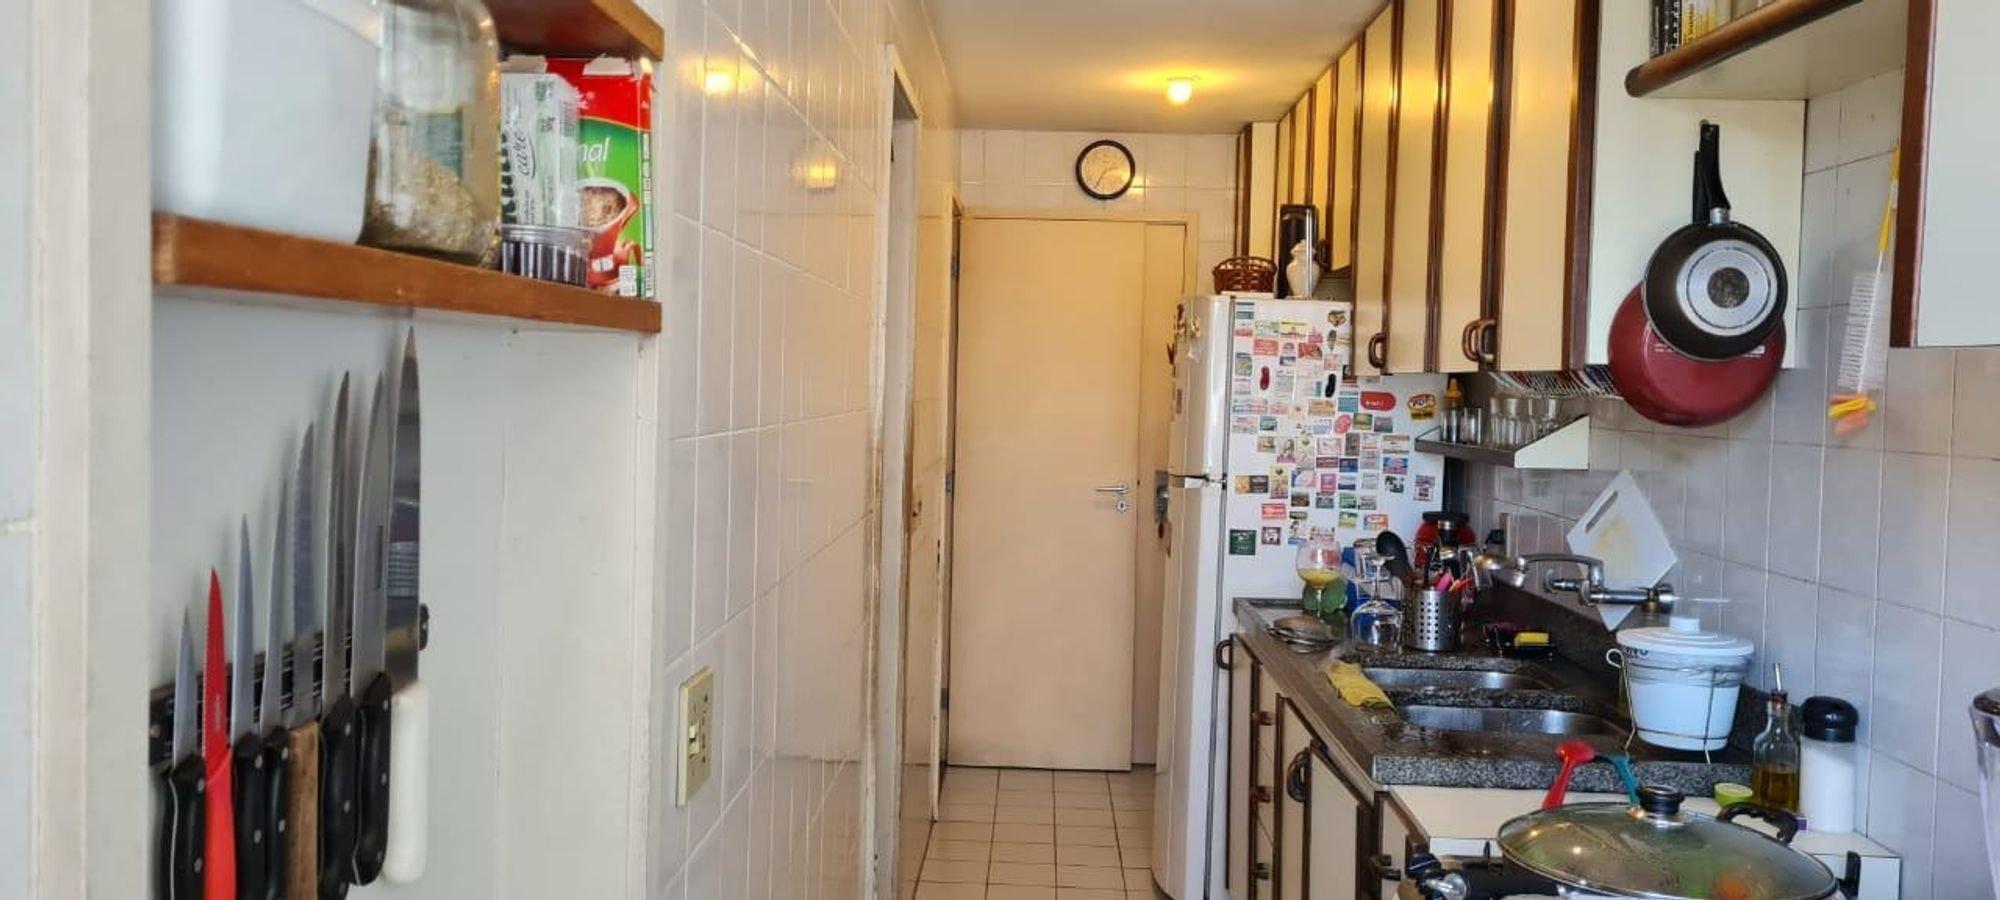 Foto de Cozinha com faca, relógio, garrafa